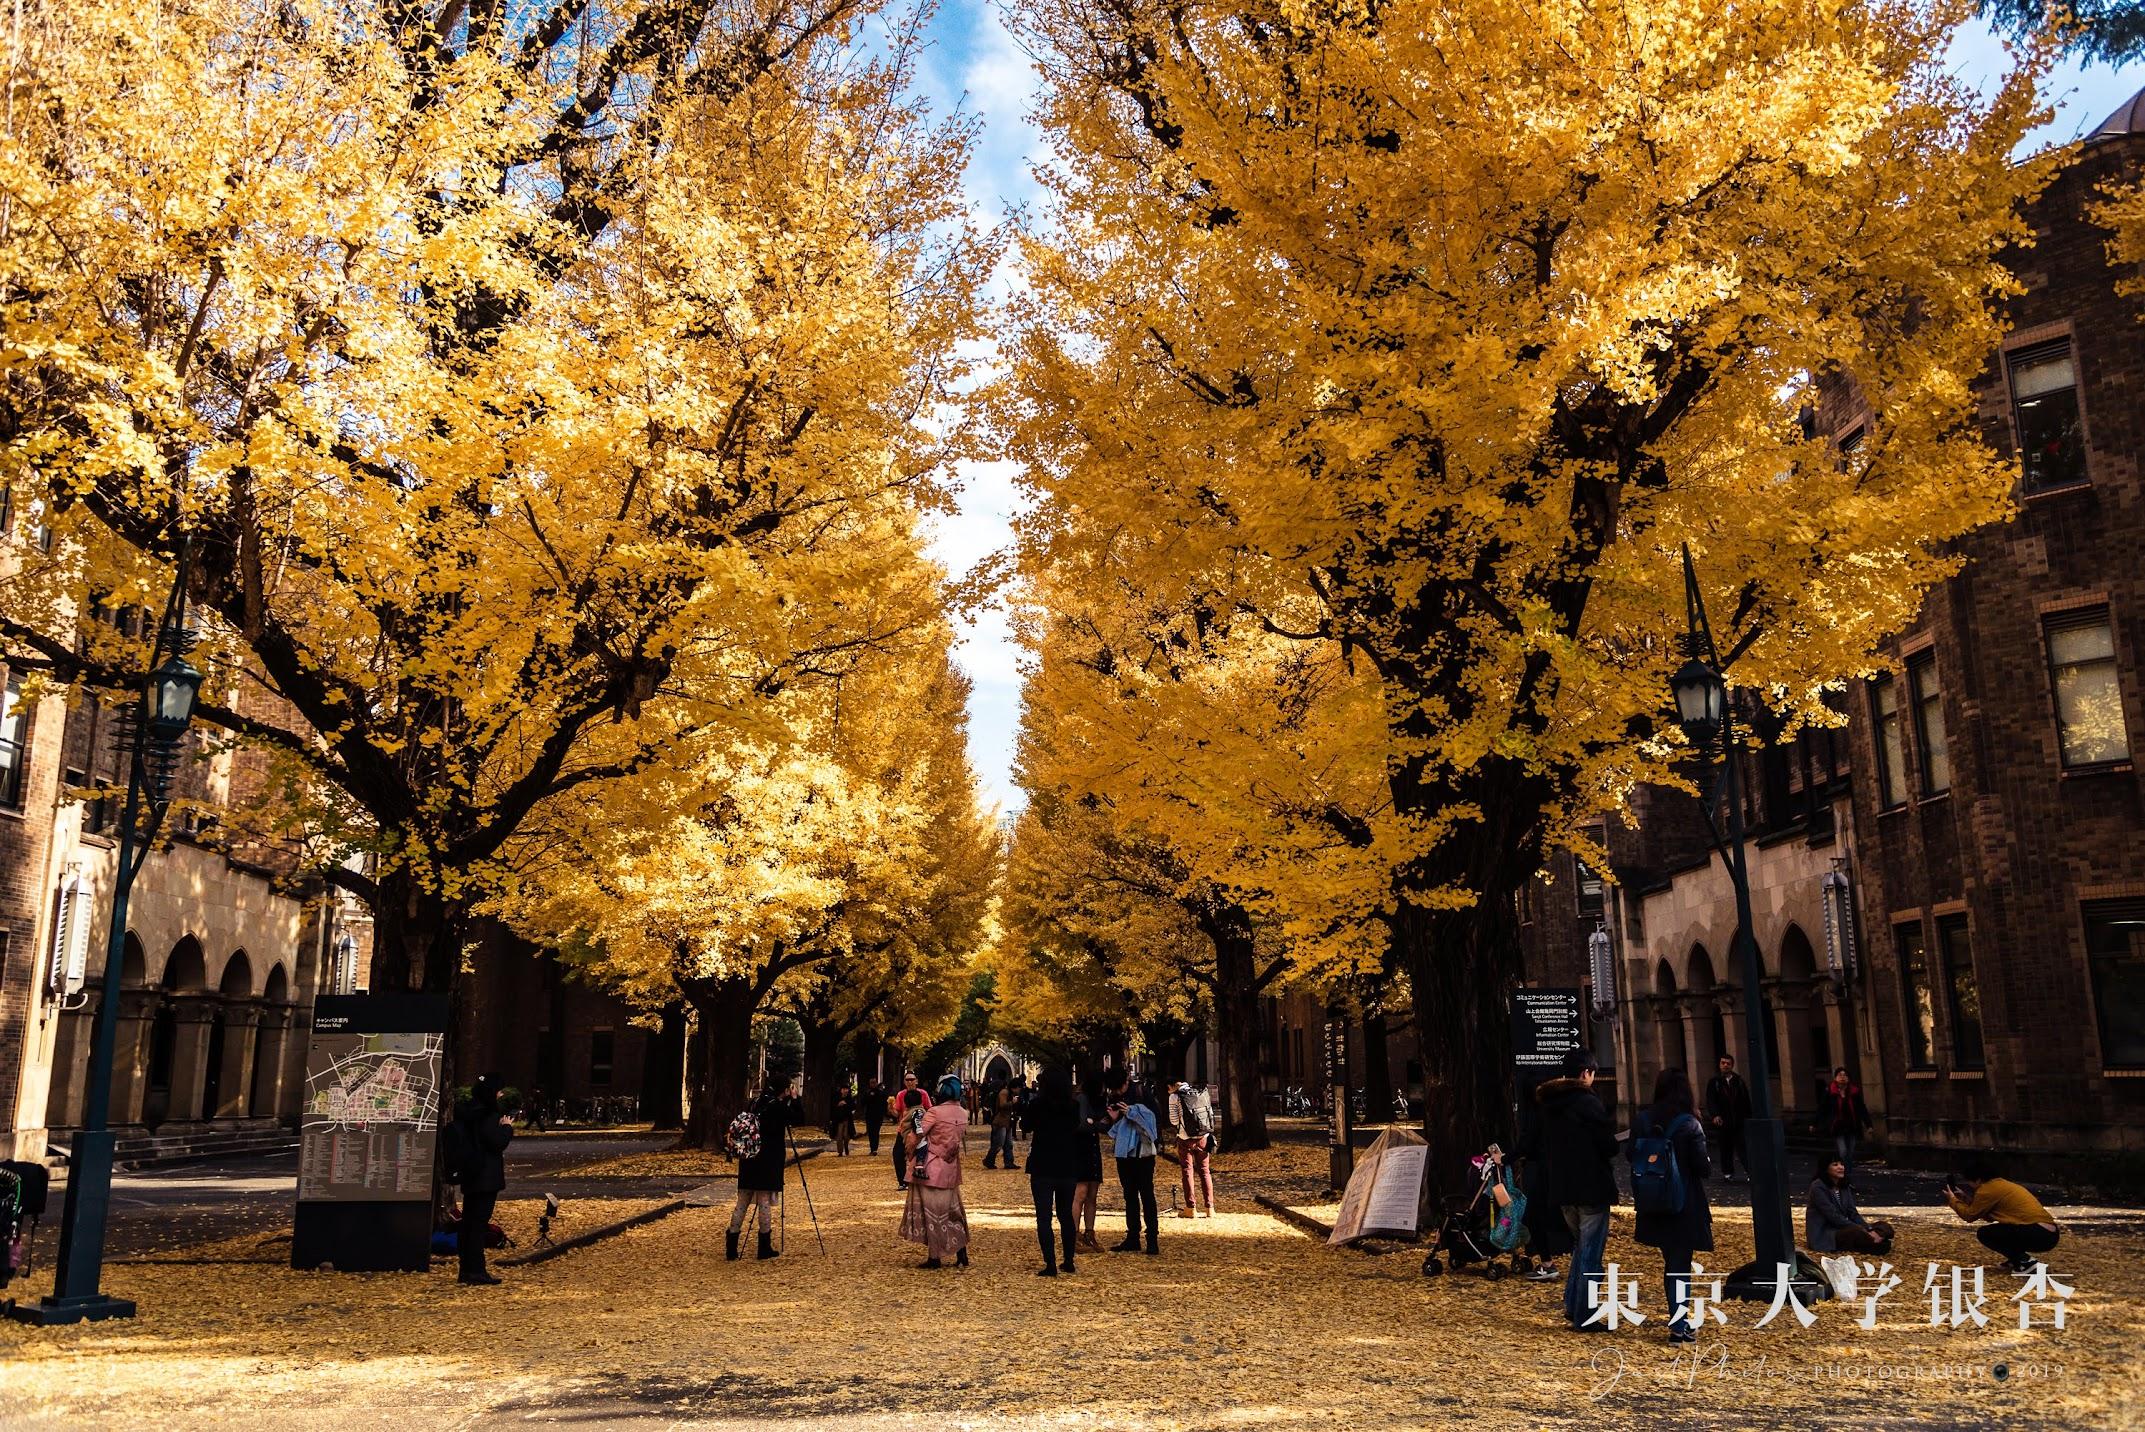 從東京大學本鄉校區門口側往安田講堂拍攝的銀杏大道,是我覺得最佳的取景角度。